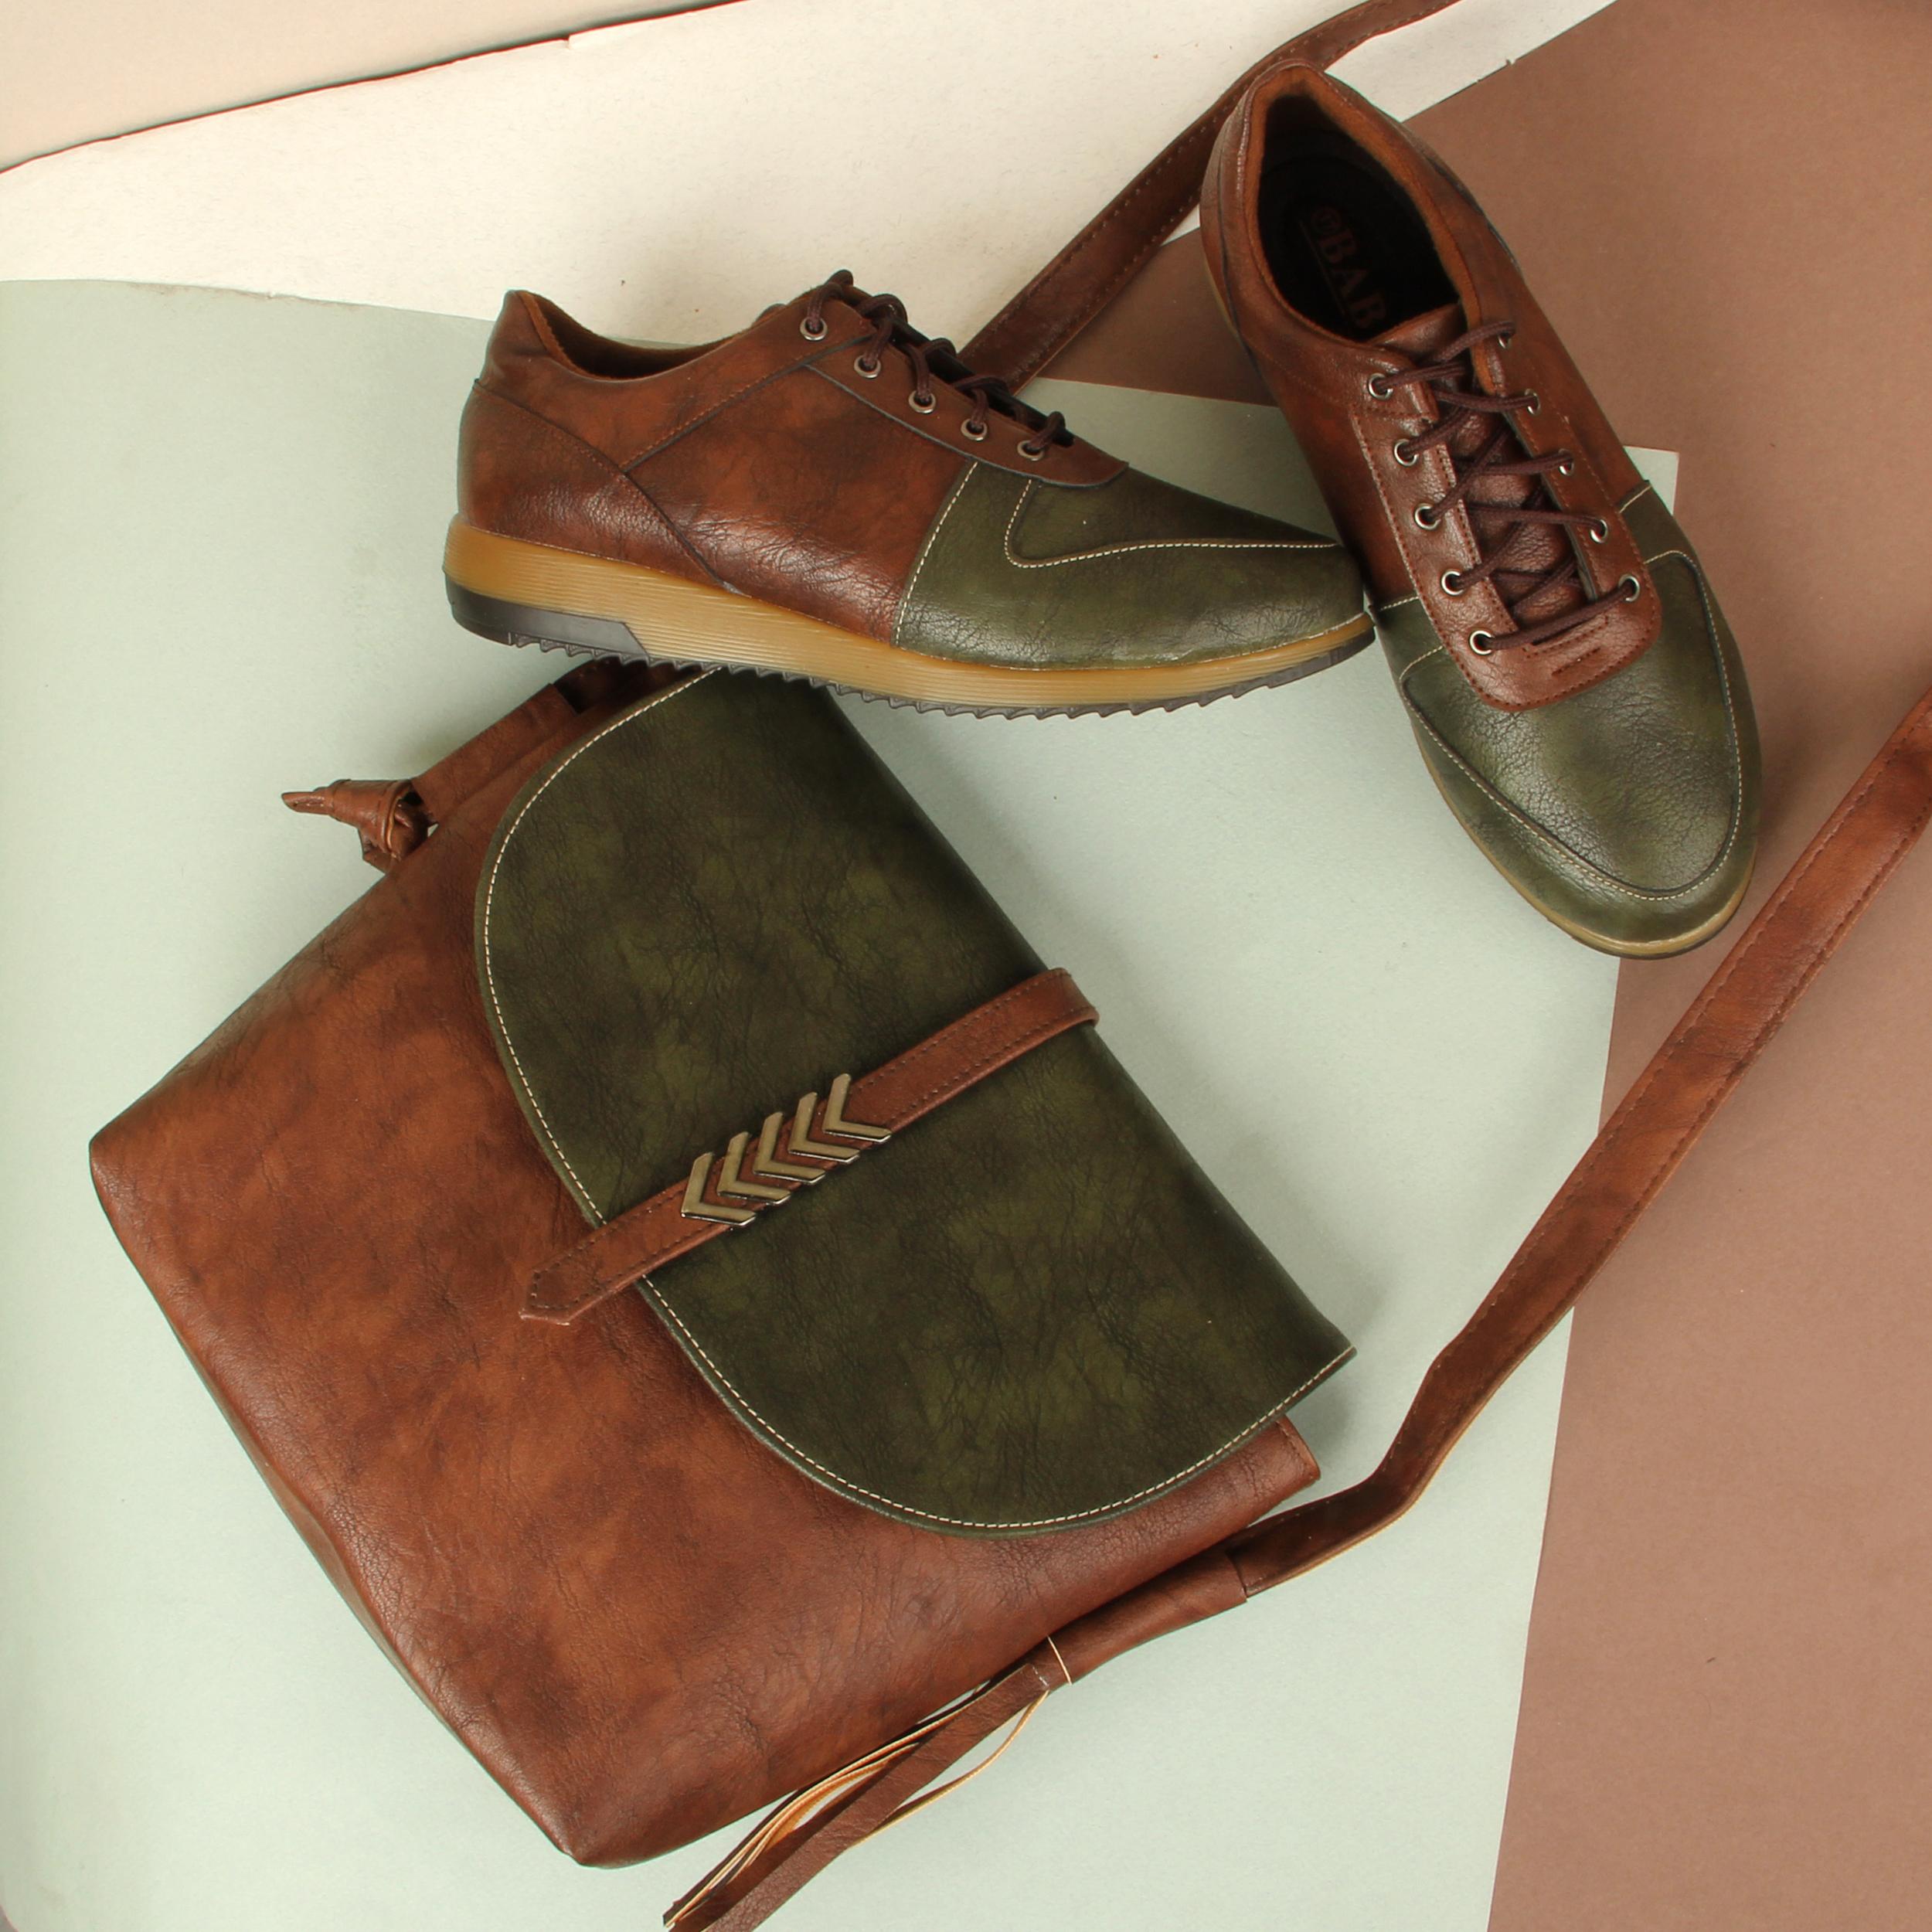 ست کیف و کفش زنانه باب مدل بهار کد 928-3 thumb 9